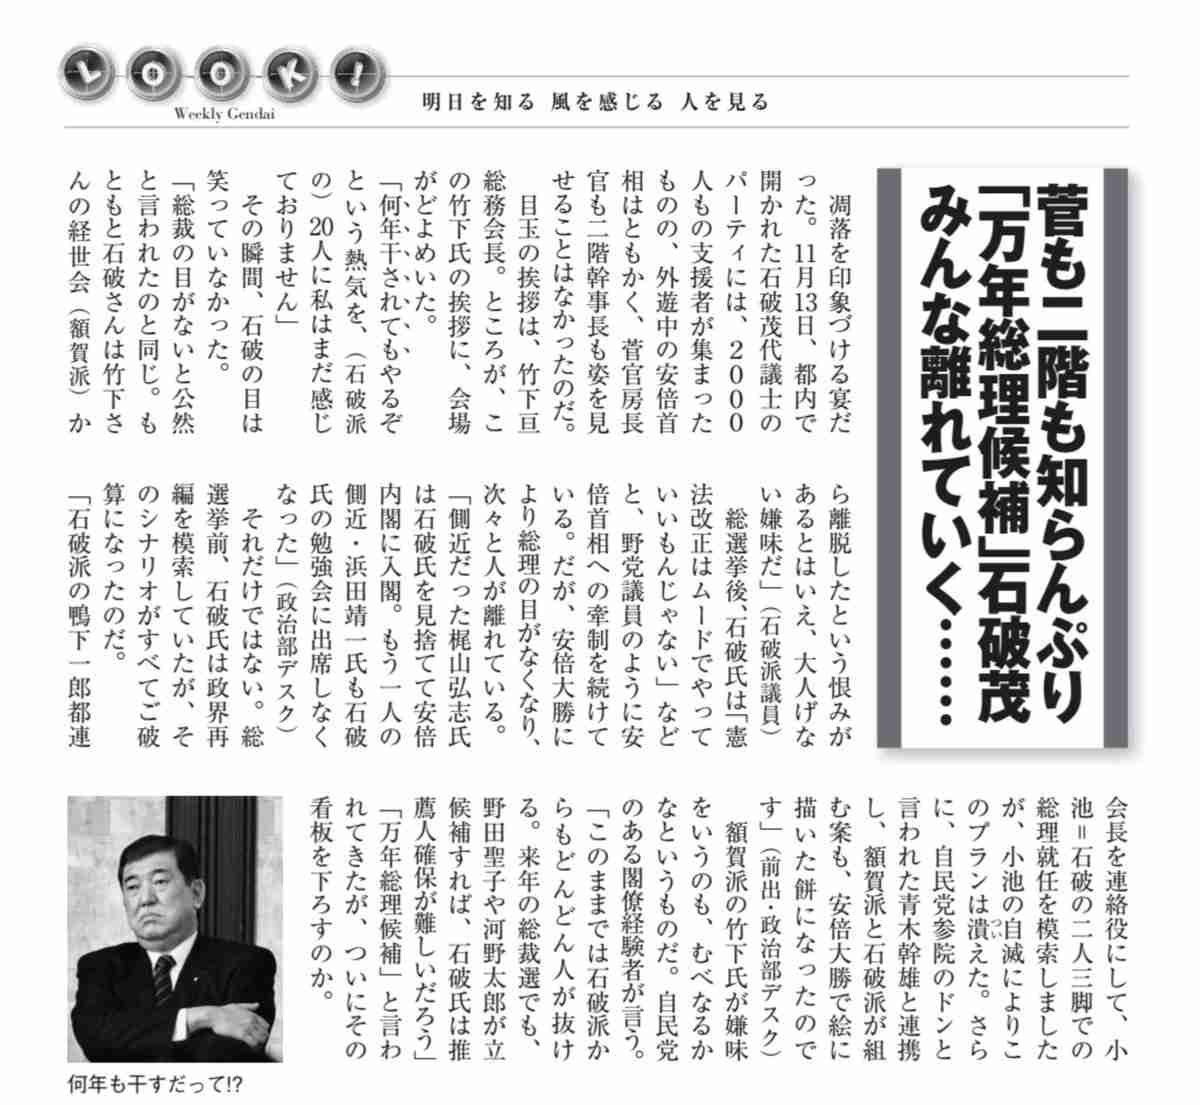 「宮中晩餐会の同性パートナー出席、反対」自民・竹下亘氏